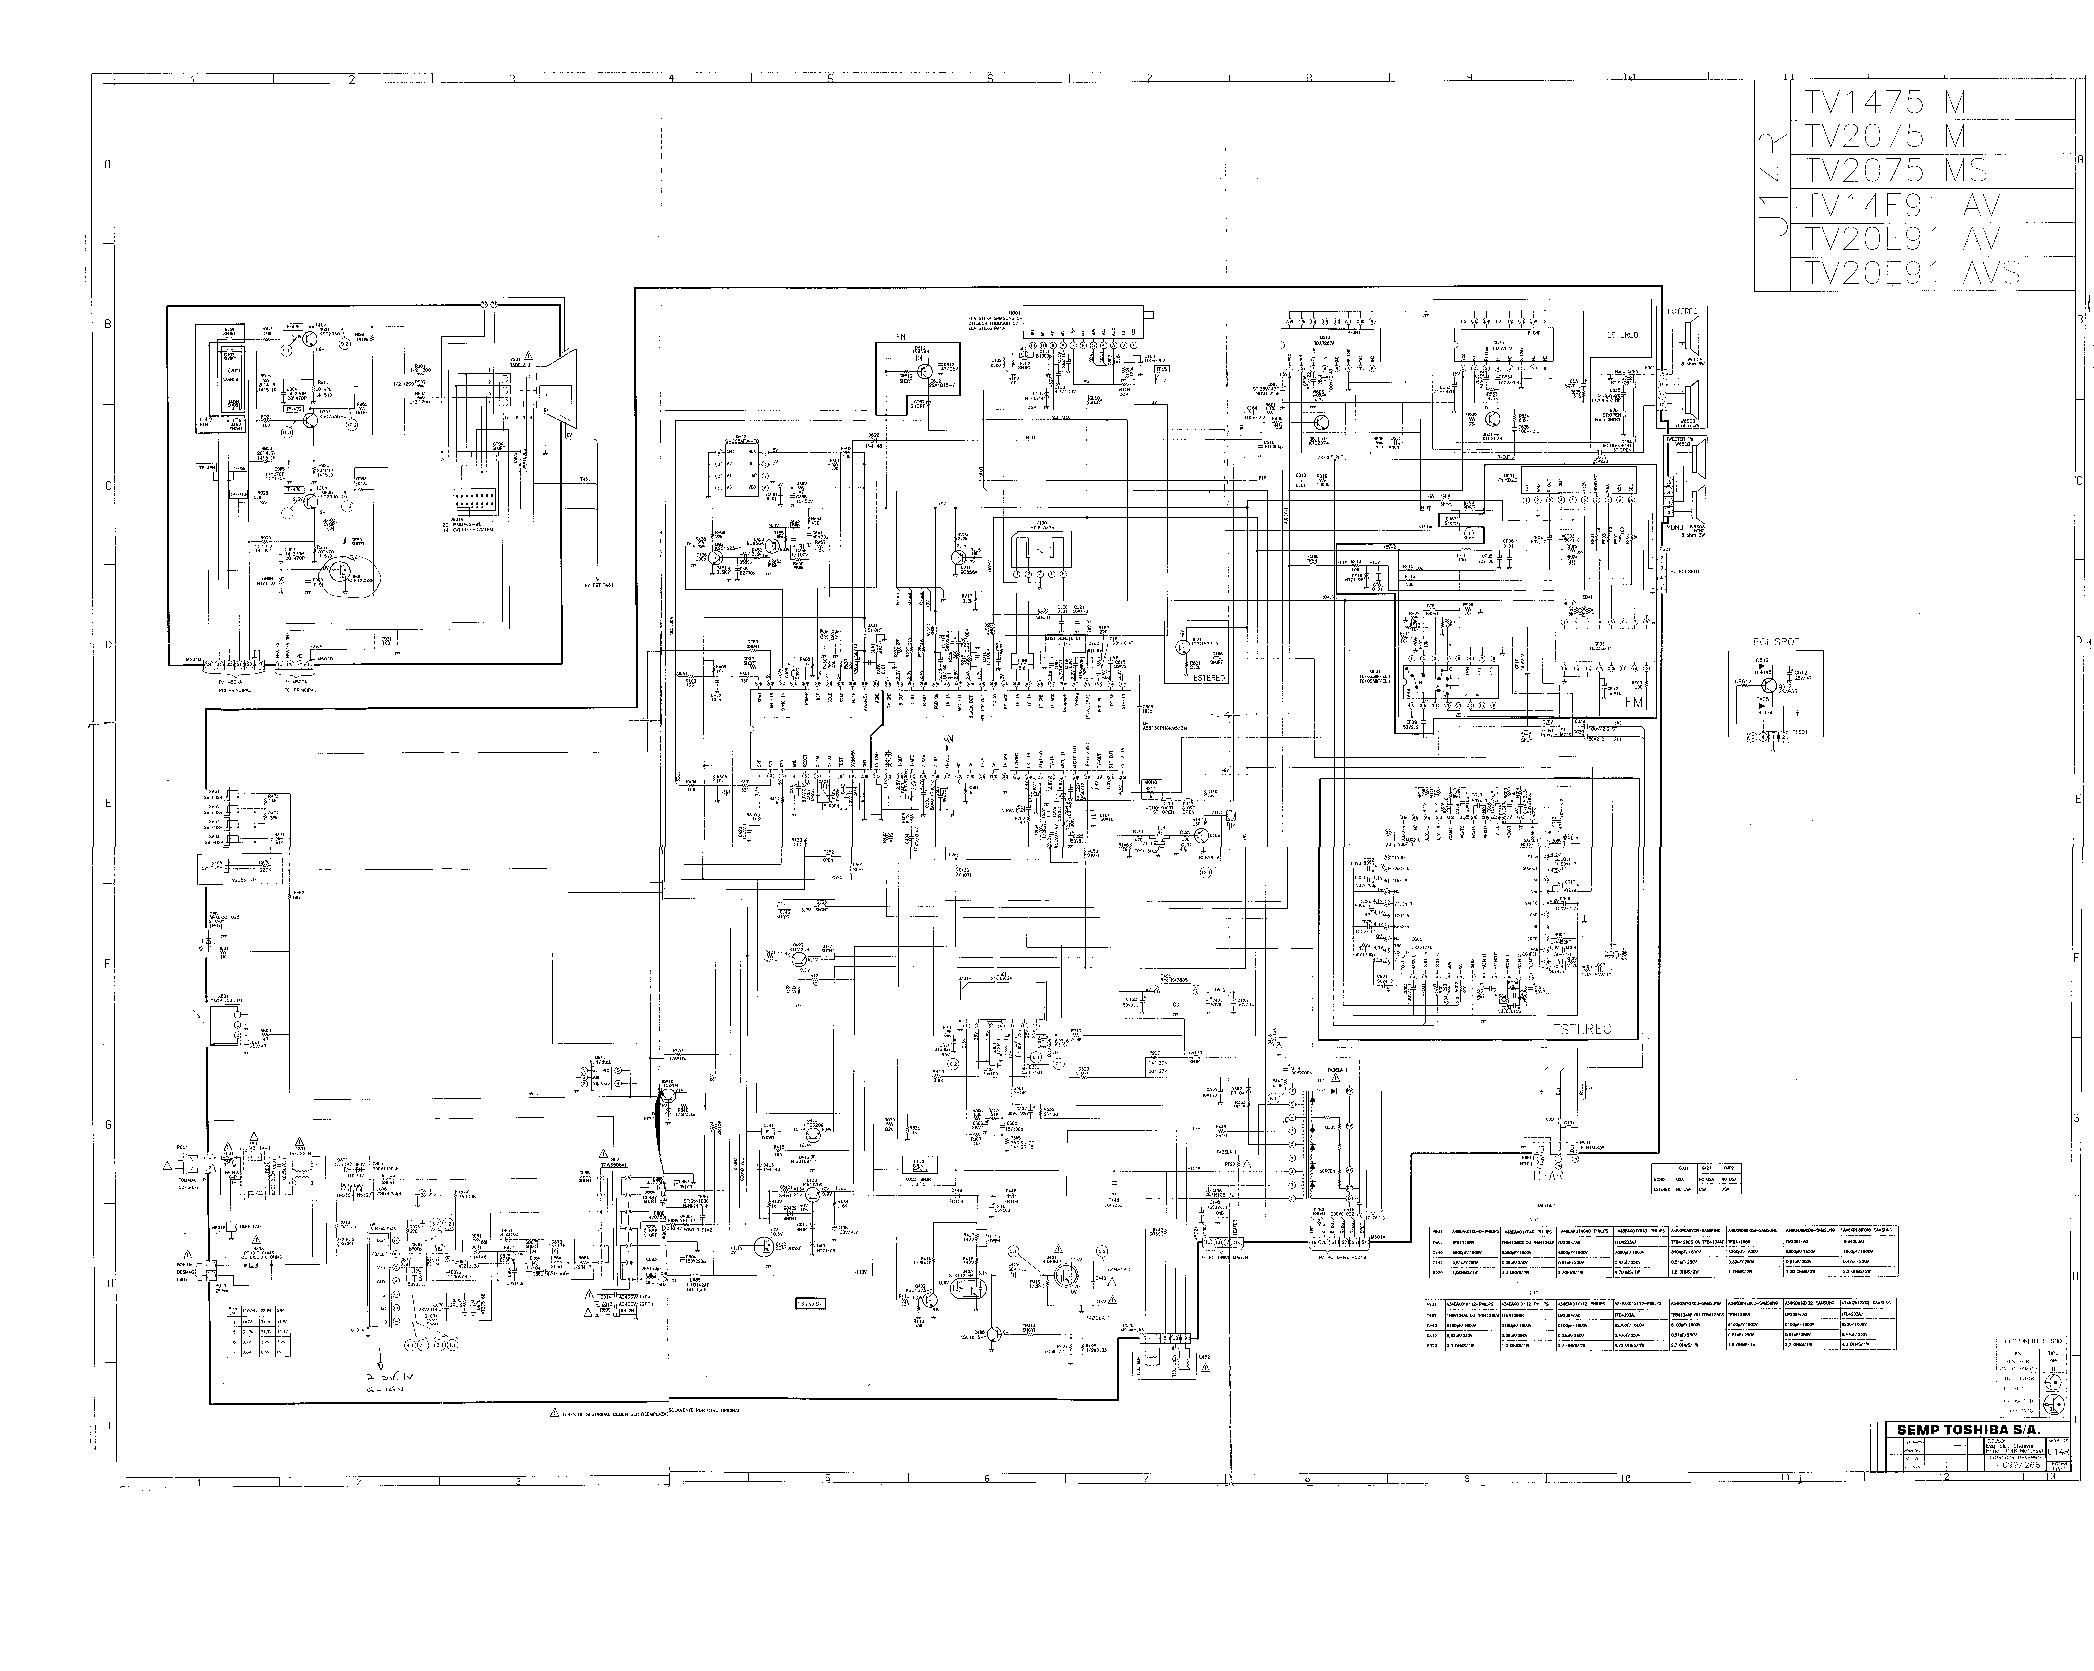 Diagrama Toshiba-2075-Chasis-U14R-.pdf